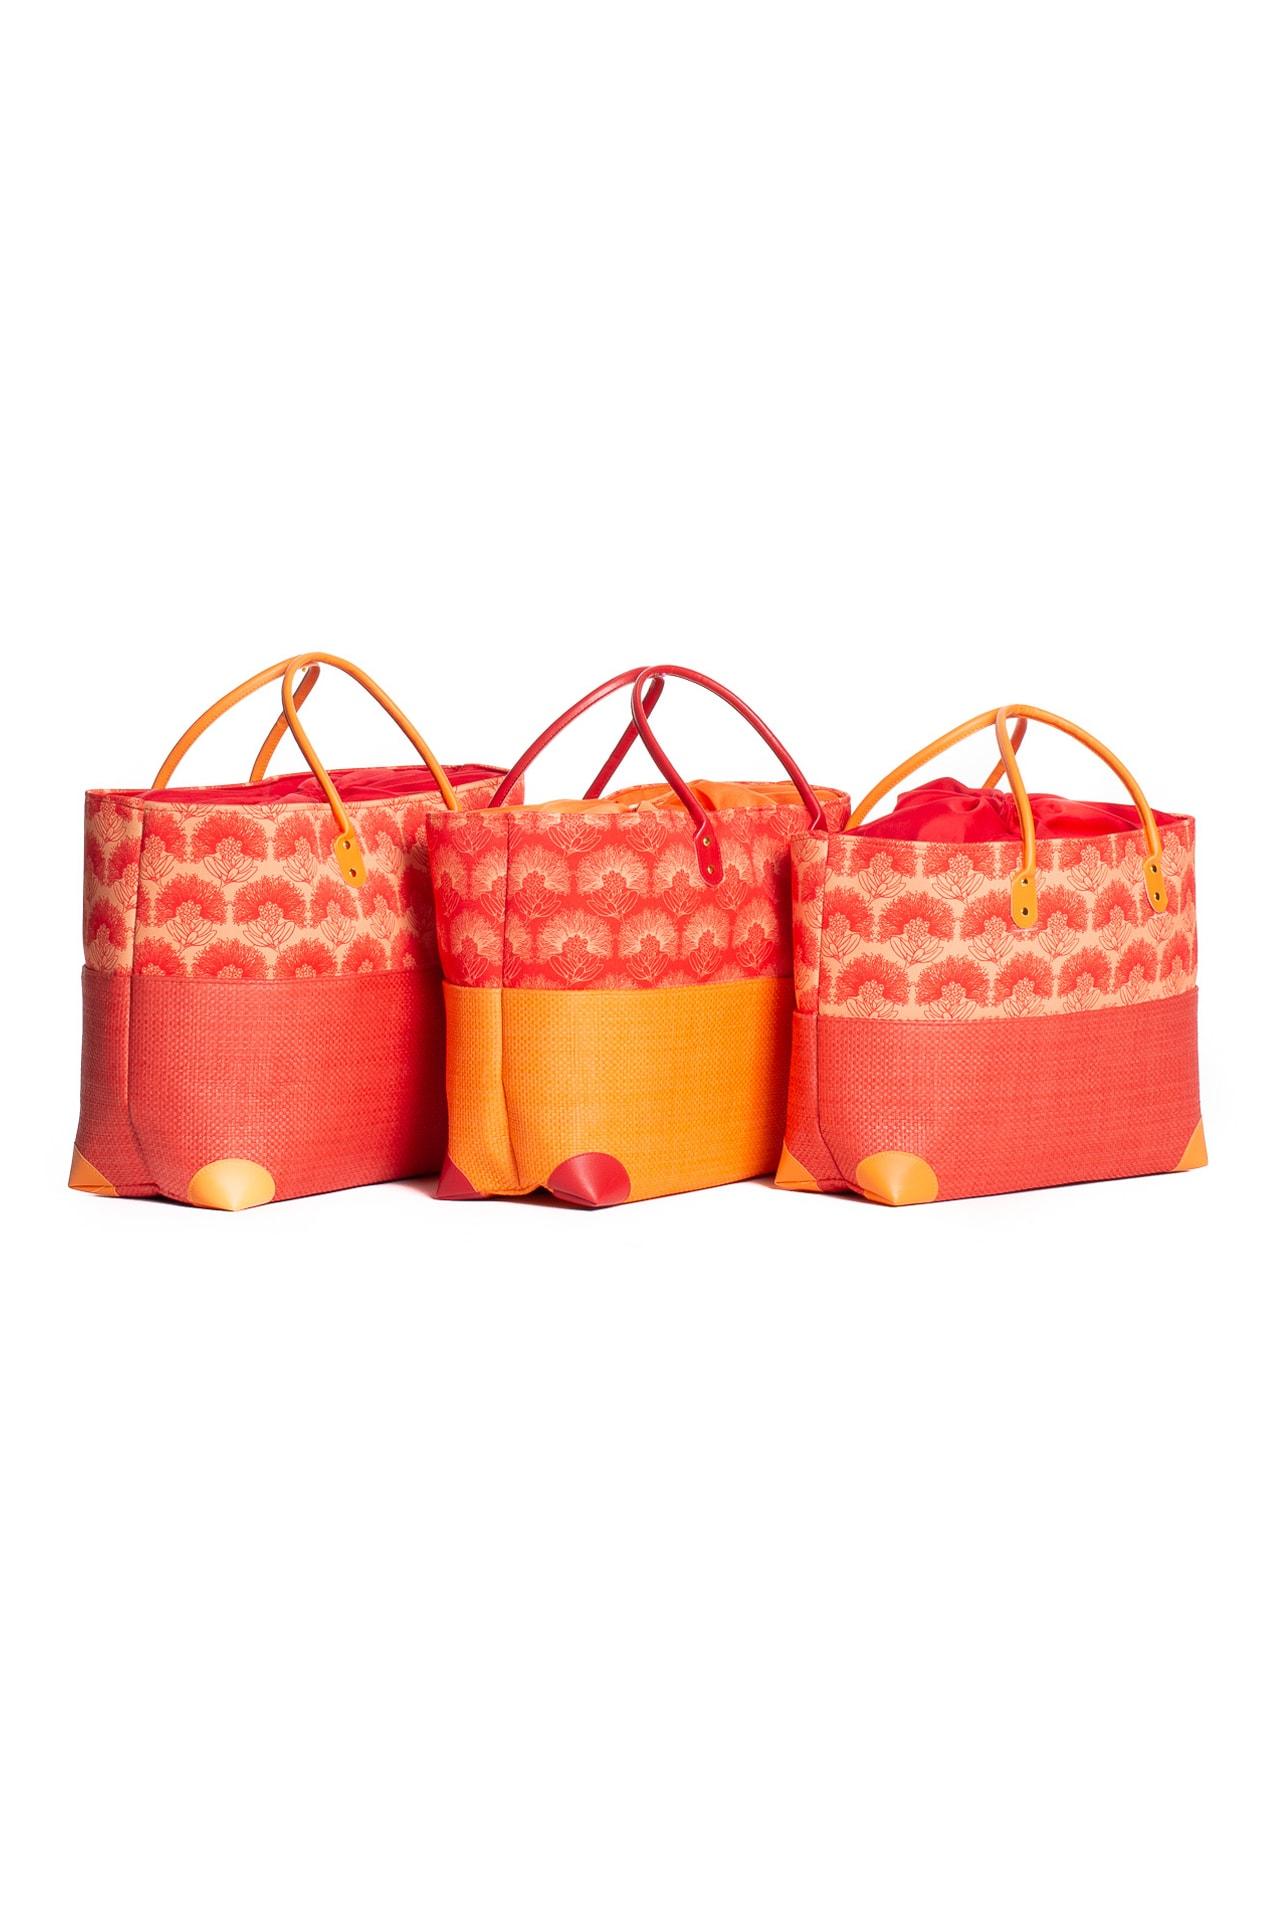 Hula Trio Bag Set in Red Kalihilehua